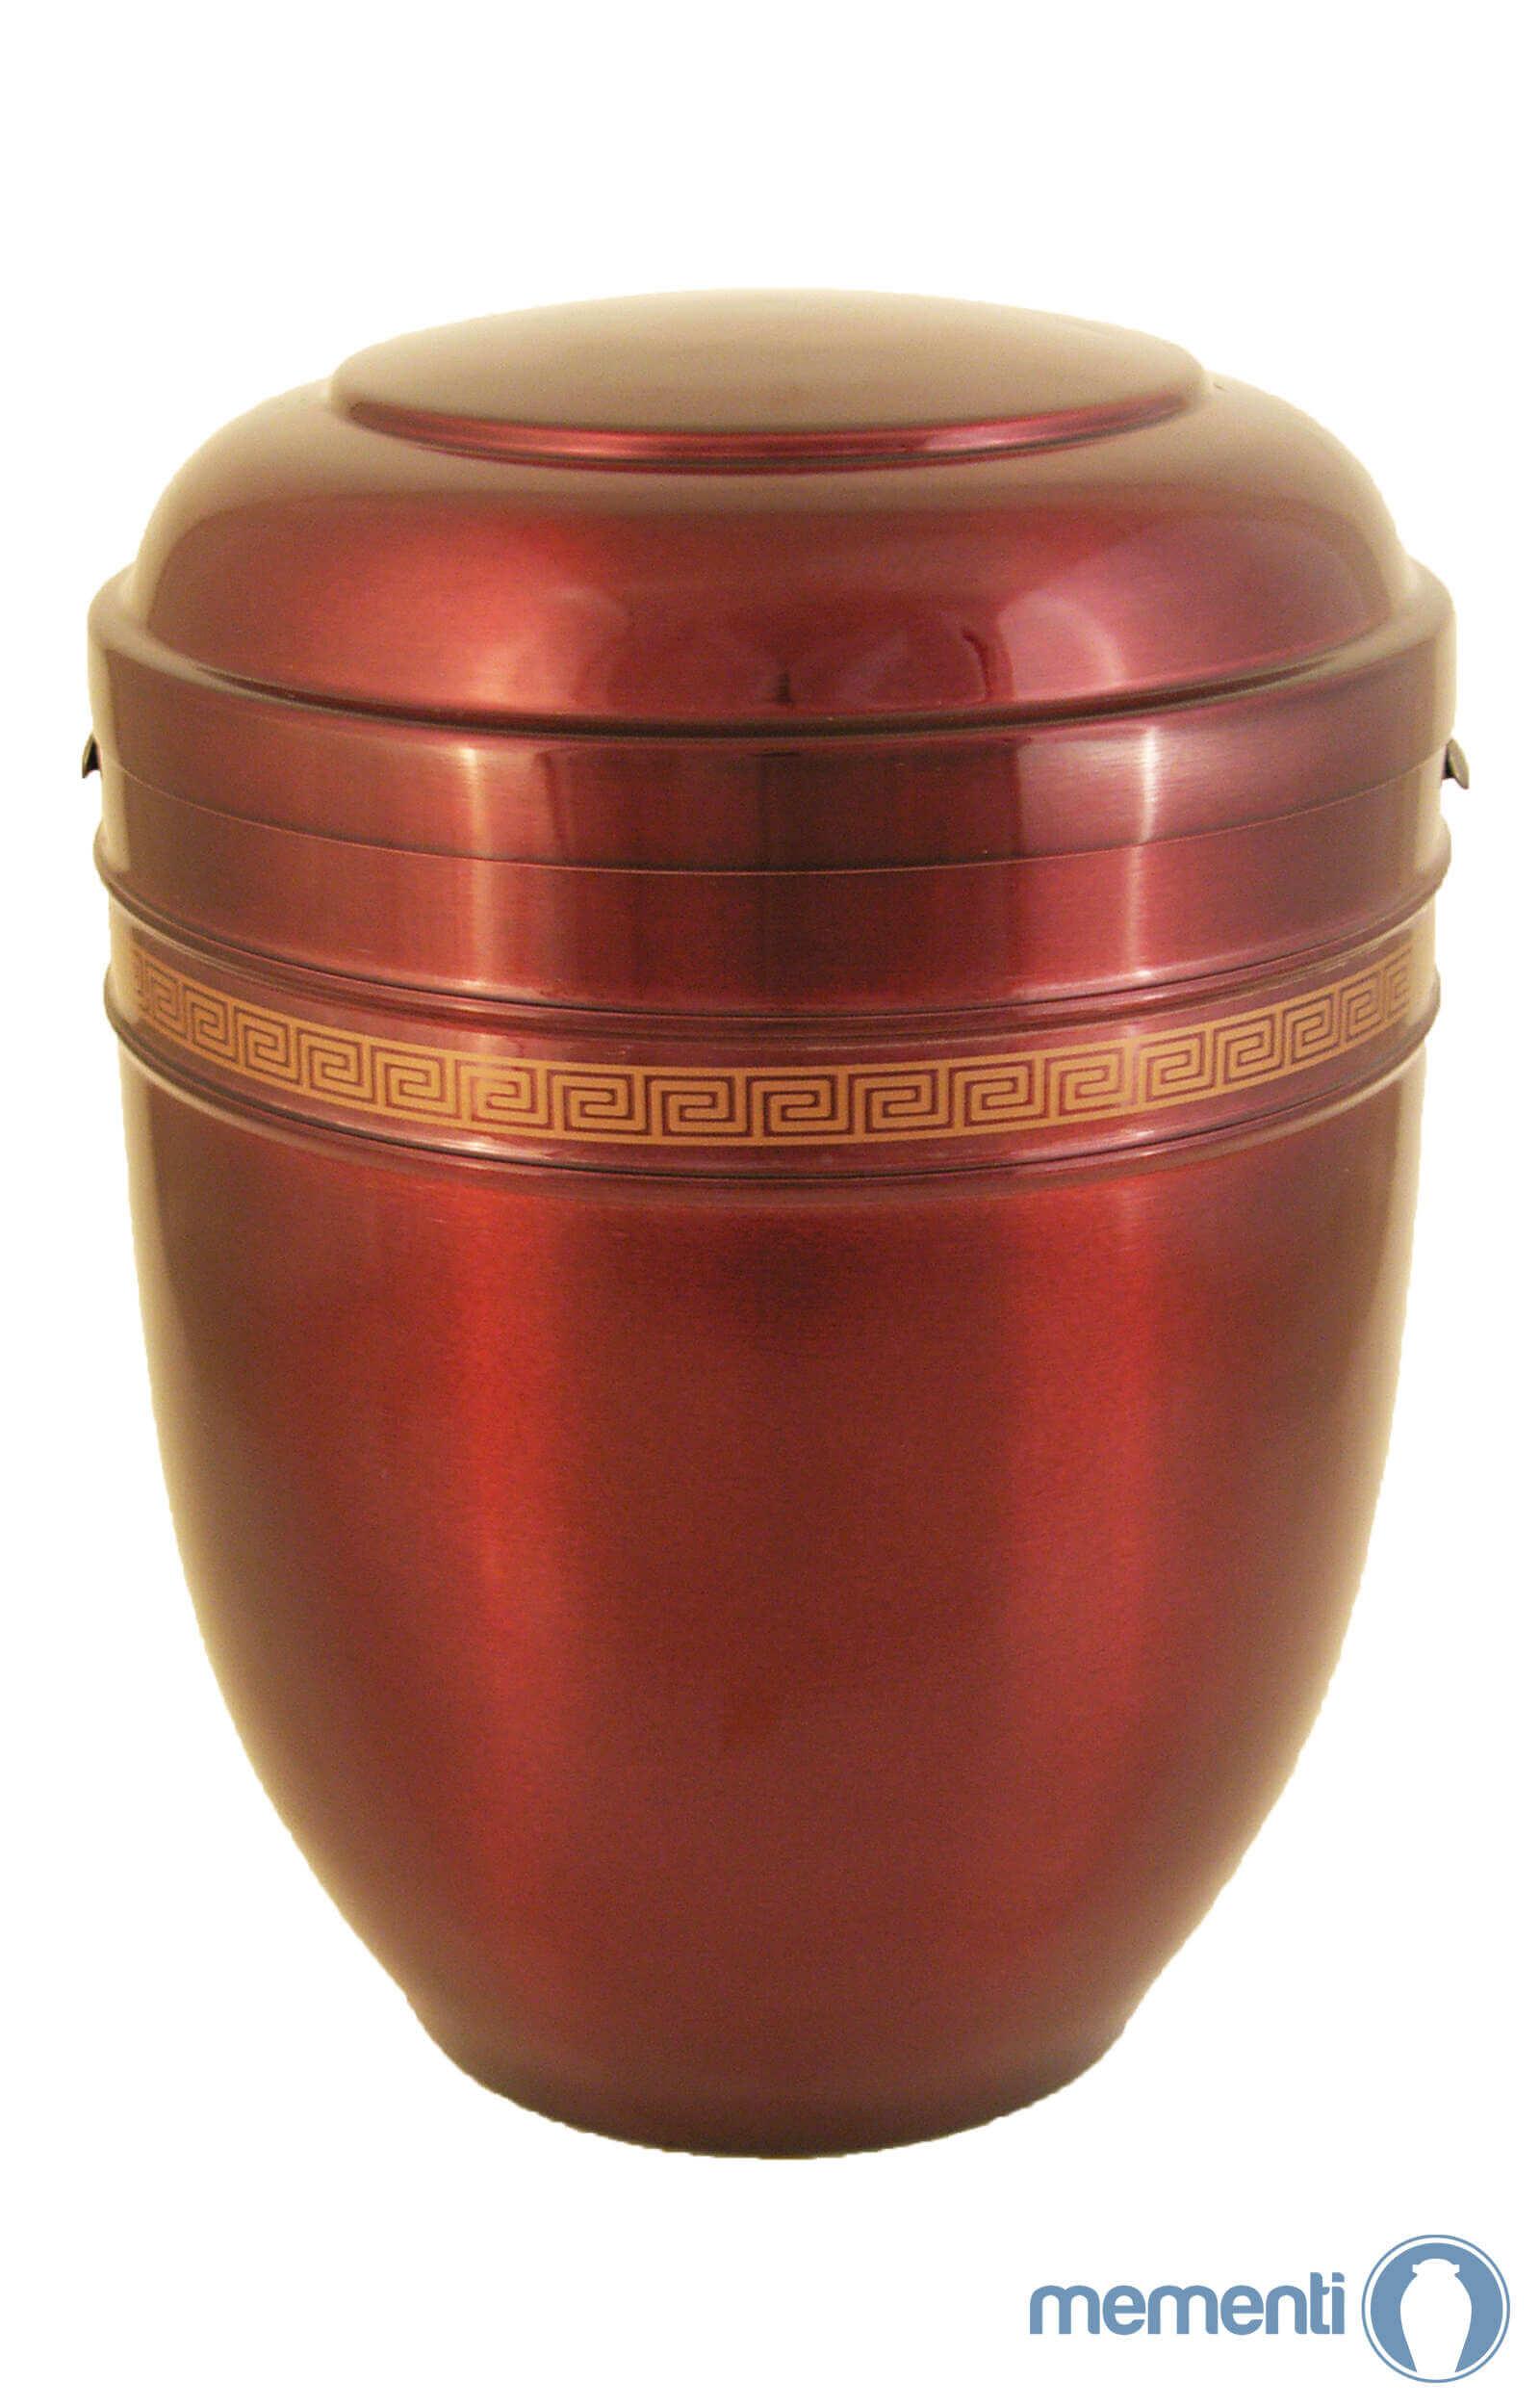 de AR5434 Metallurne Metall Urne rot gold glaenzend Urnen kaufen